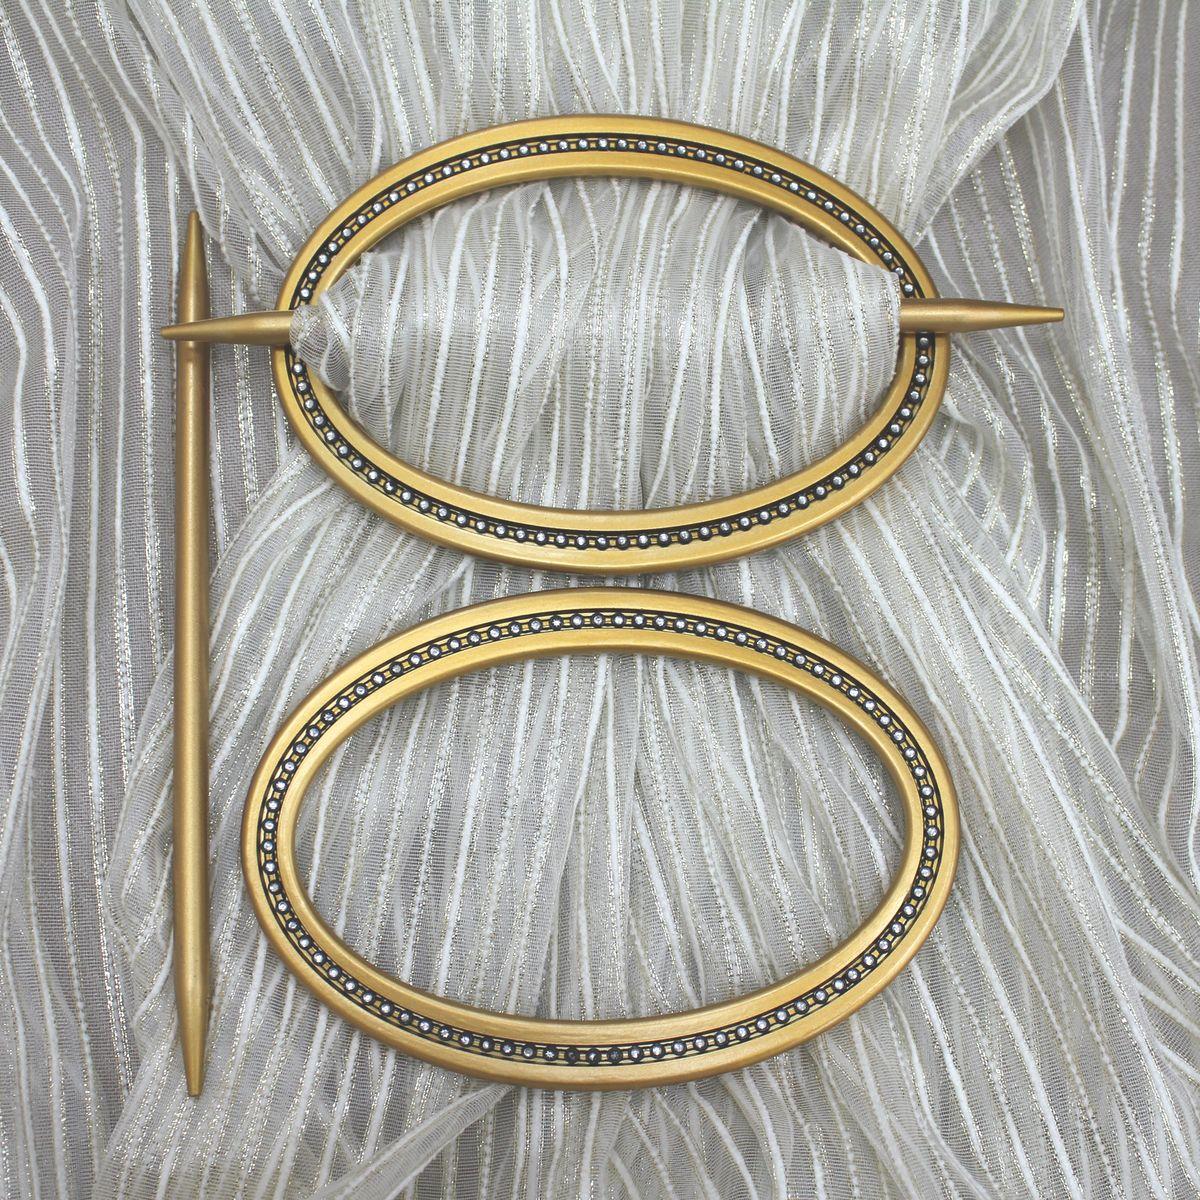 Заколка для штор TexRepublic Oval, цвет: золотистый, 2 шт. MI C6-279037Кольцо декоративное для штор TexRepublic Oval - красивая и стильная заколка, удерживающая шторы. Заколка выполненная извысококачественного пластика, предназначена дляфиксации штор или для формирования декоративных складокна ткани. С ее помощью можно зафиксироватьшторы или скрепить их, придать им требуемоеположение, сделать симметричные складки.Заколка для штор является универсальнымизделием, которое превосходно подойдет длялюбых видов штор. Изделие придаст шторамвосхитительный, стильный внешний вид и добавитуют в интерьер помещения.В комплекте 2 заколки.